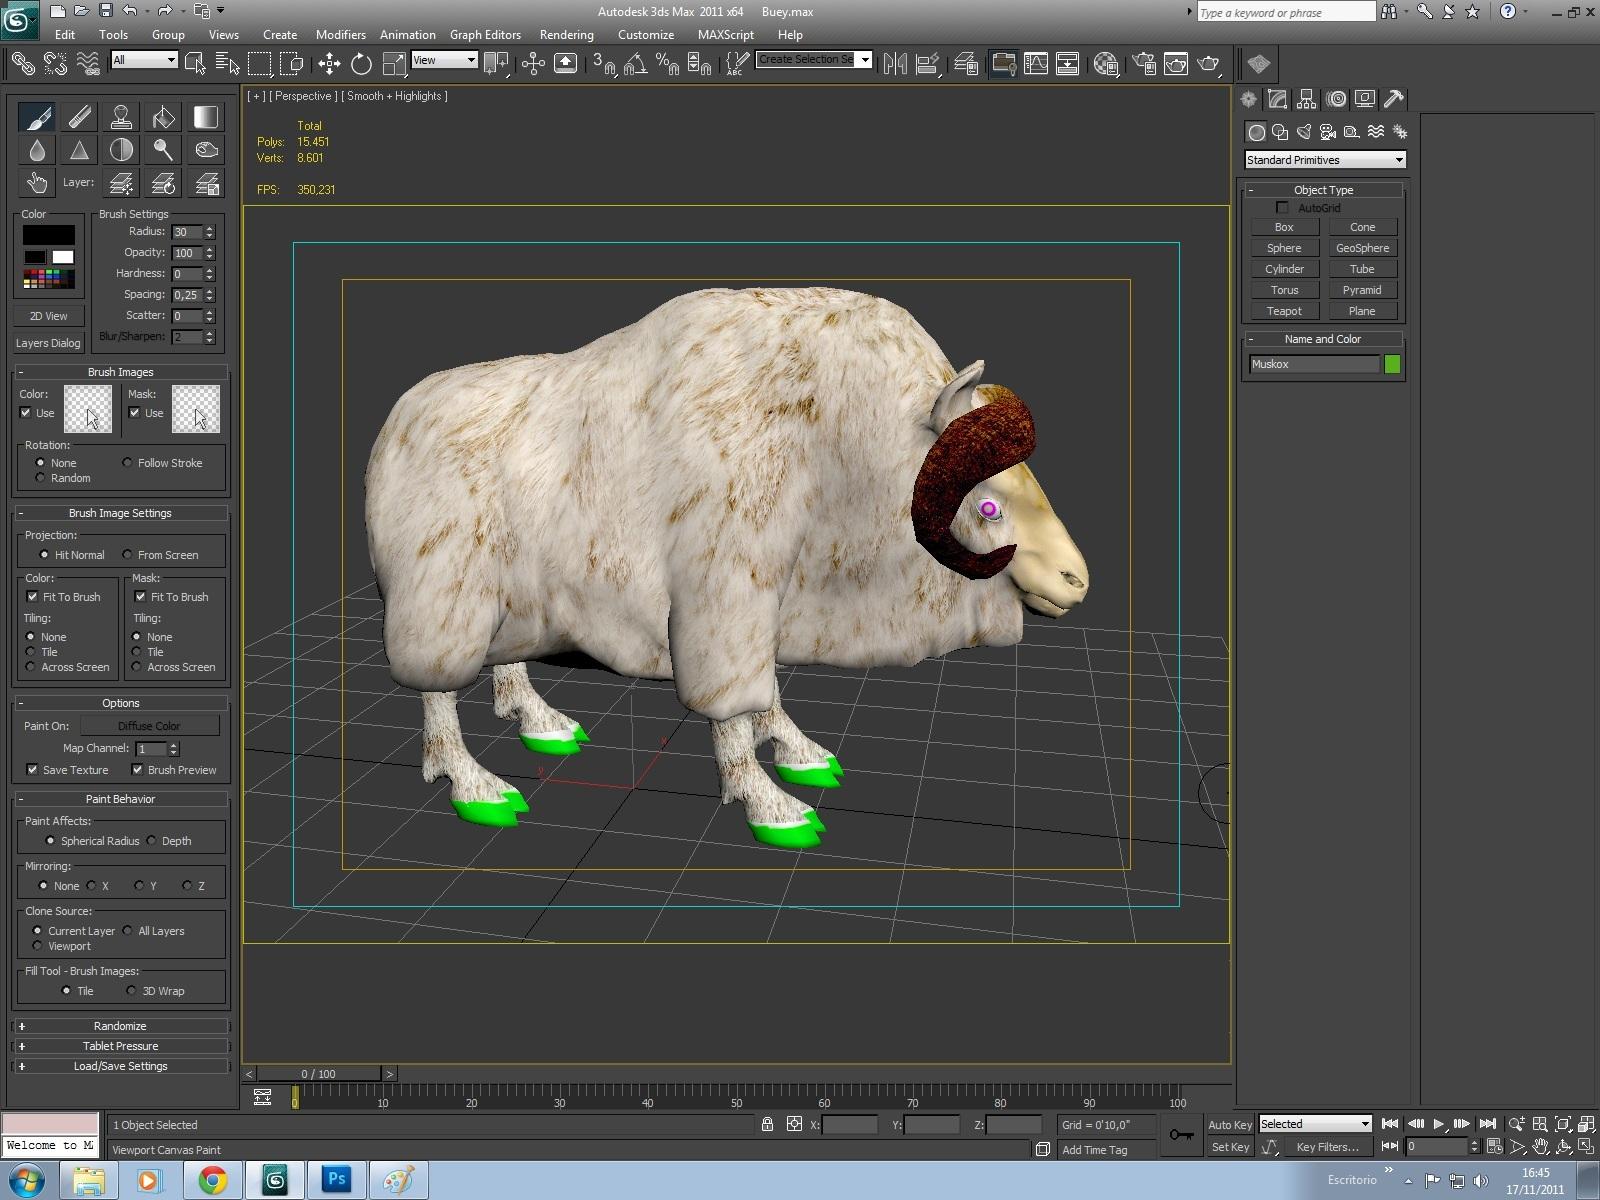 Problema al editar texturas en viewport canvas-2.jpg